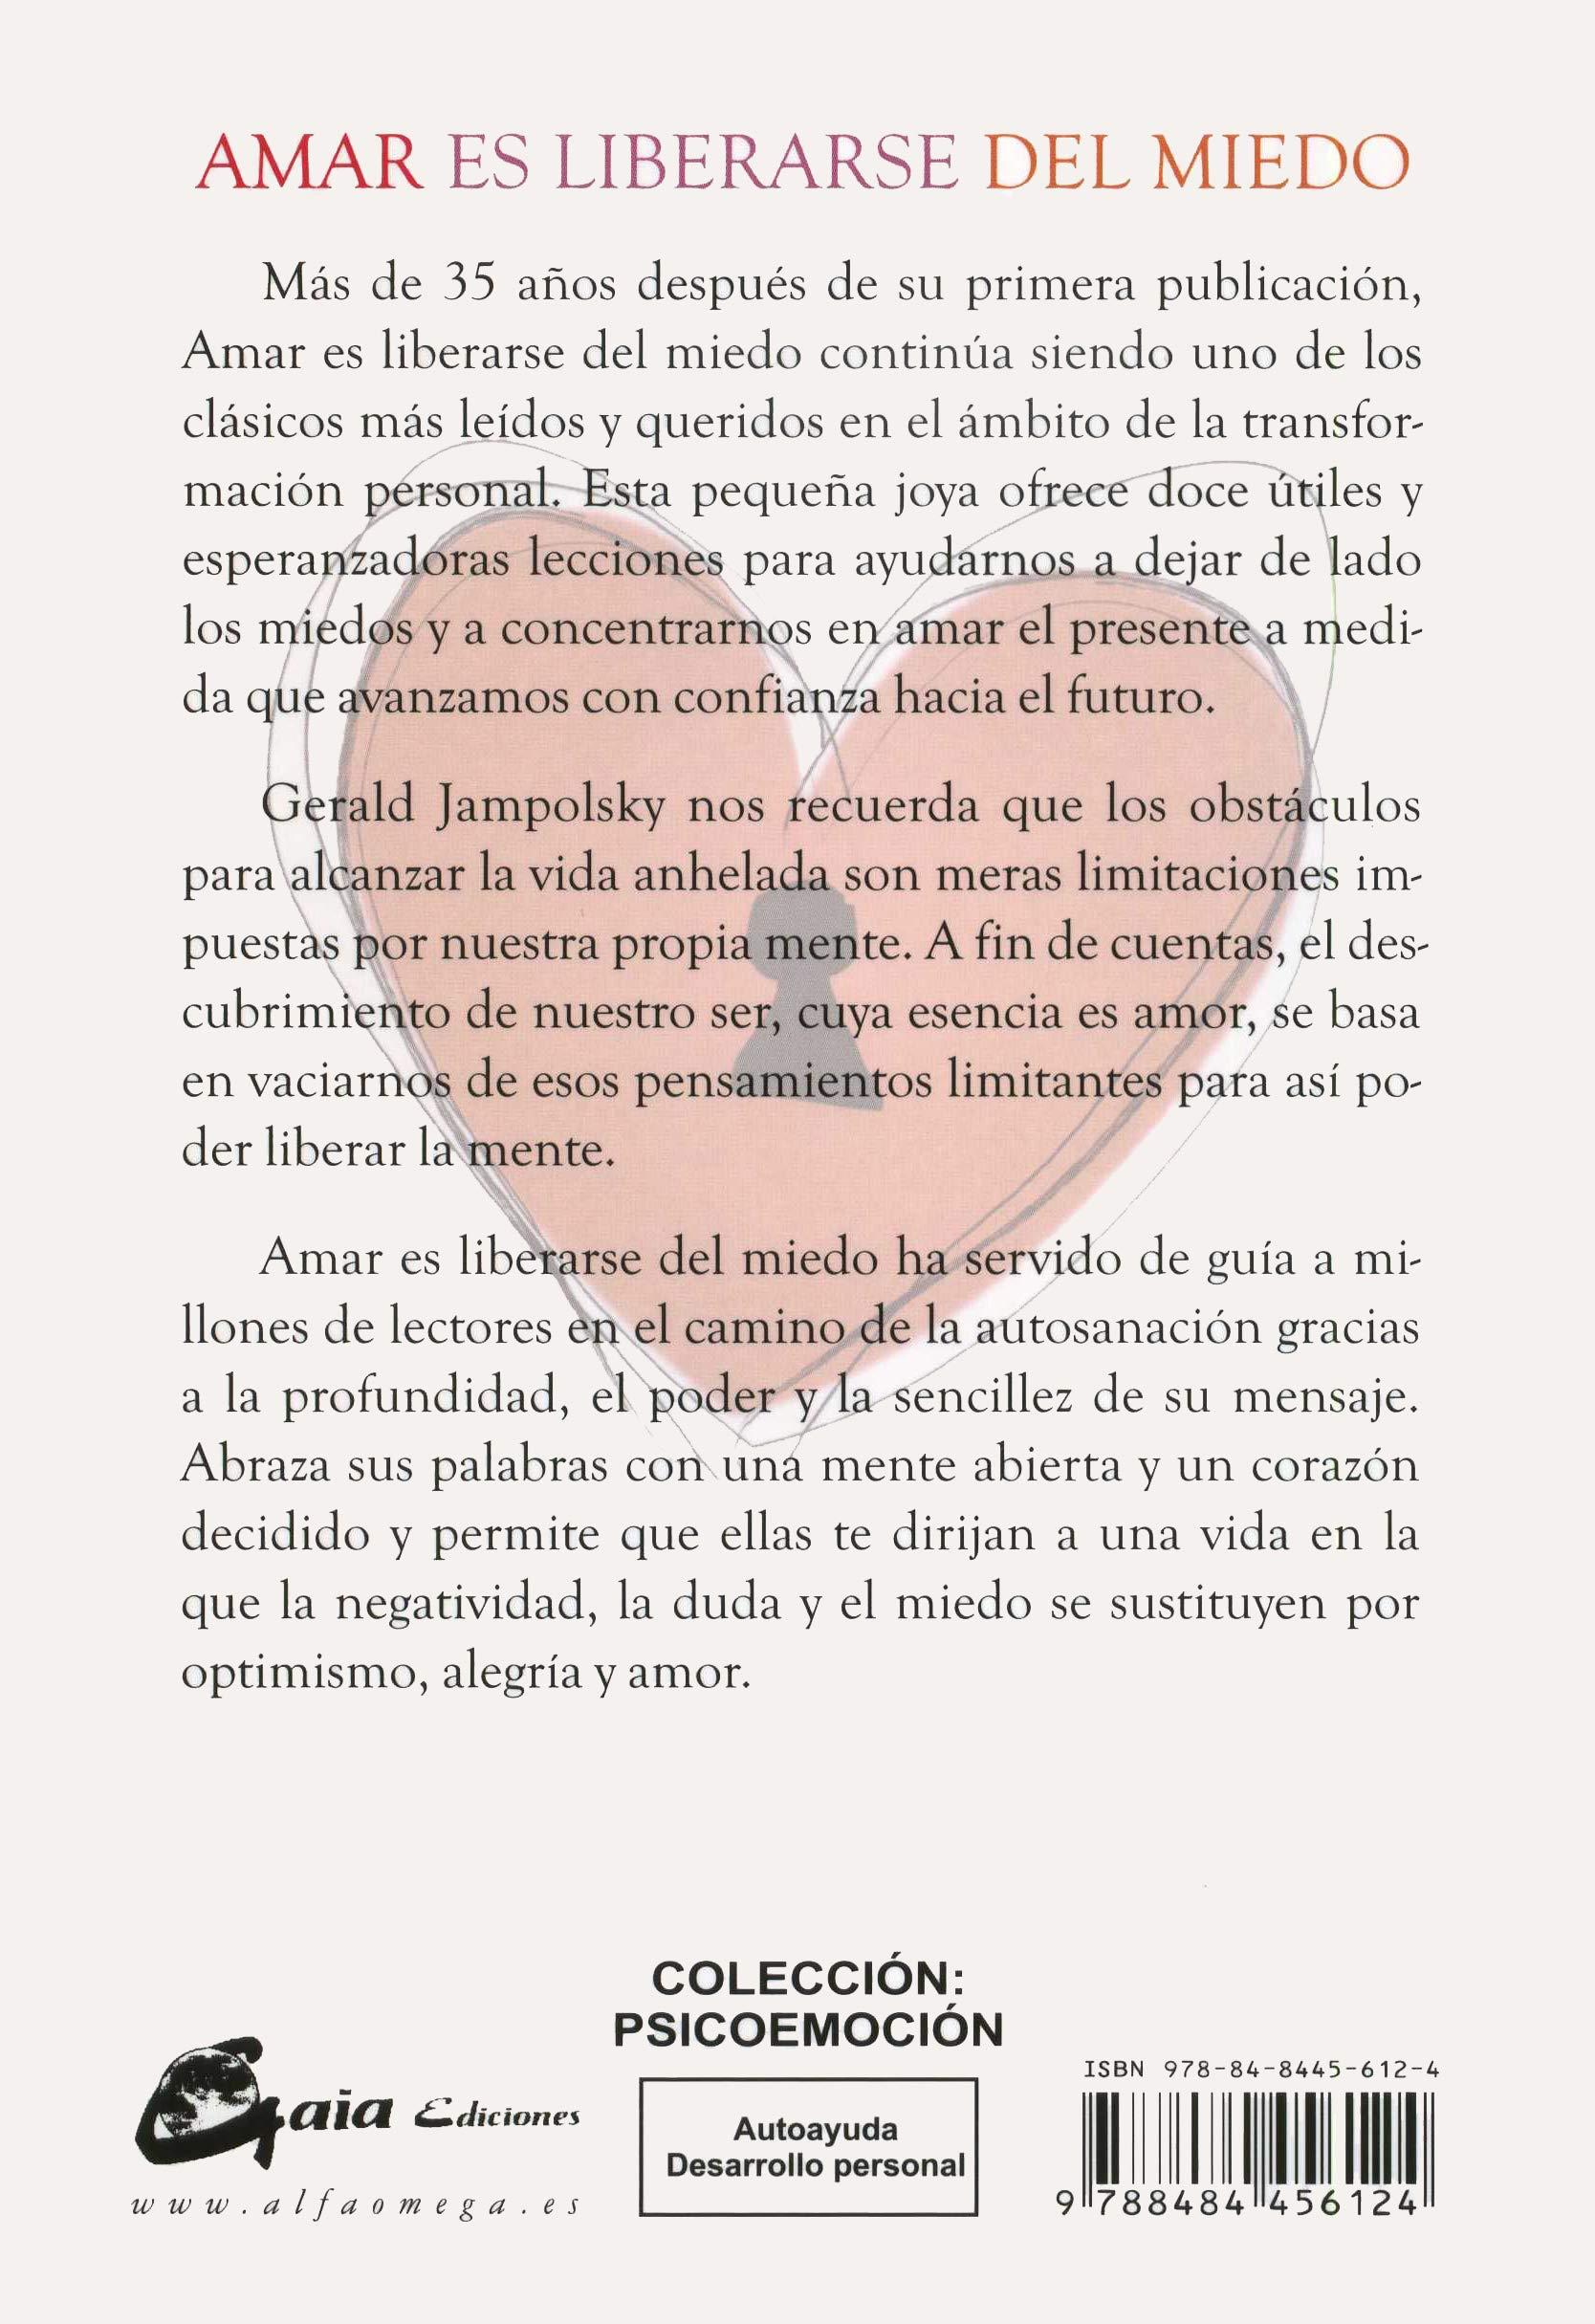 Amar es liberarse del miedo (Psicoemoción): Amazon.es: Gerald G ...